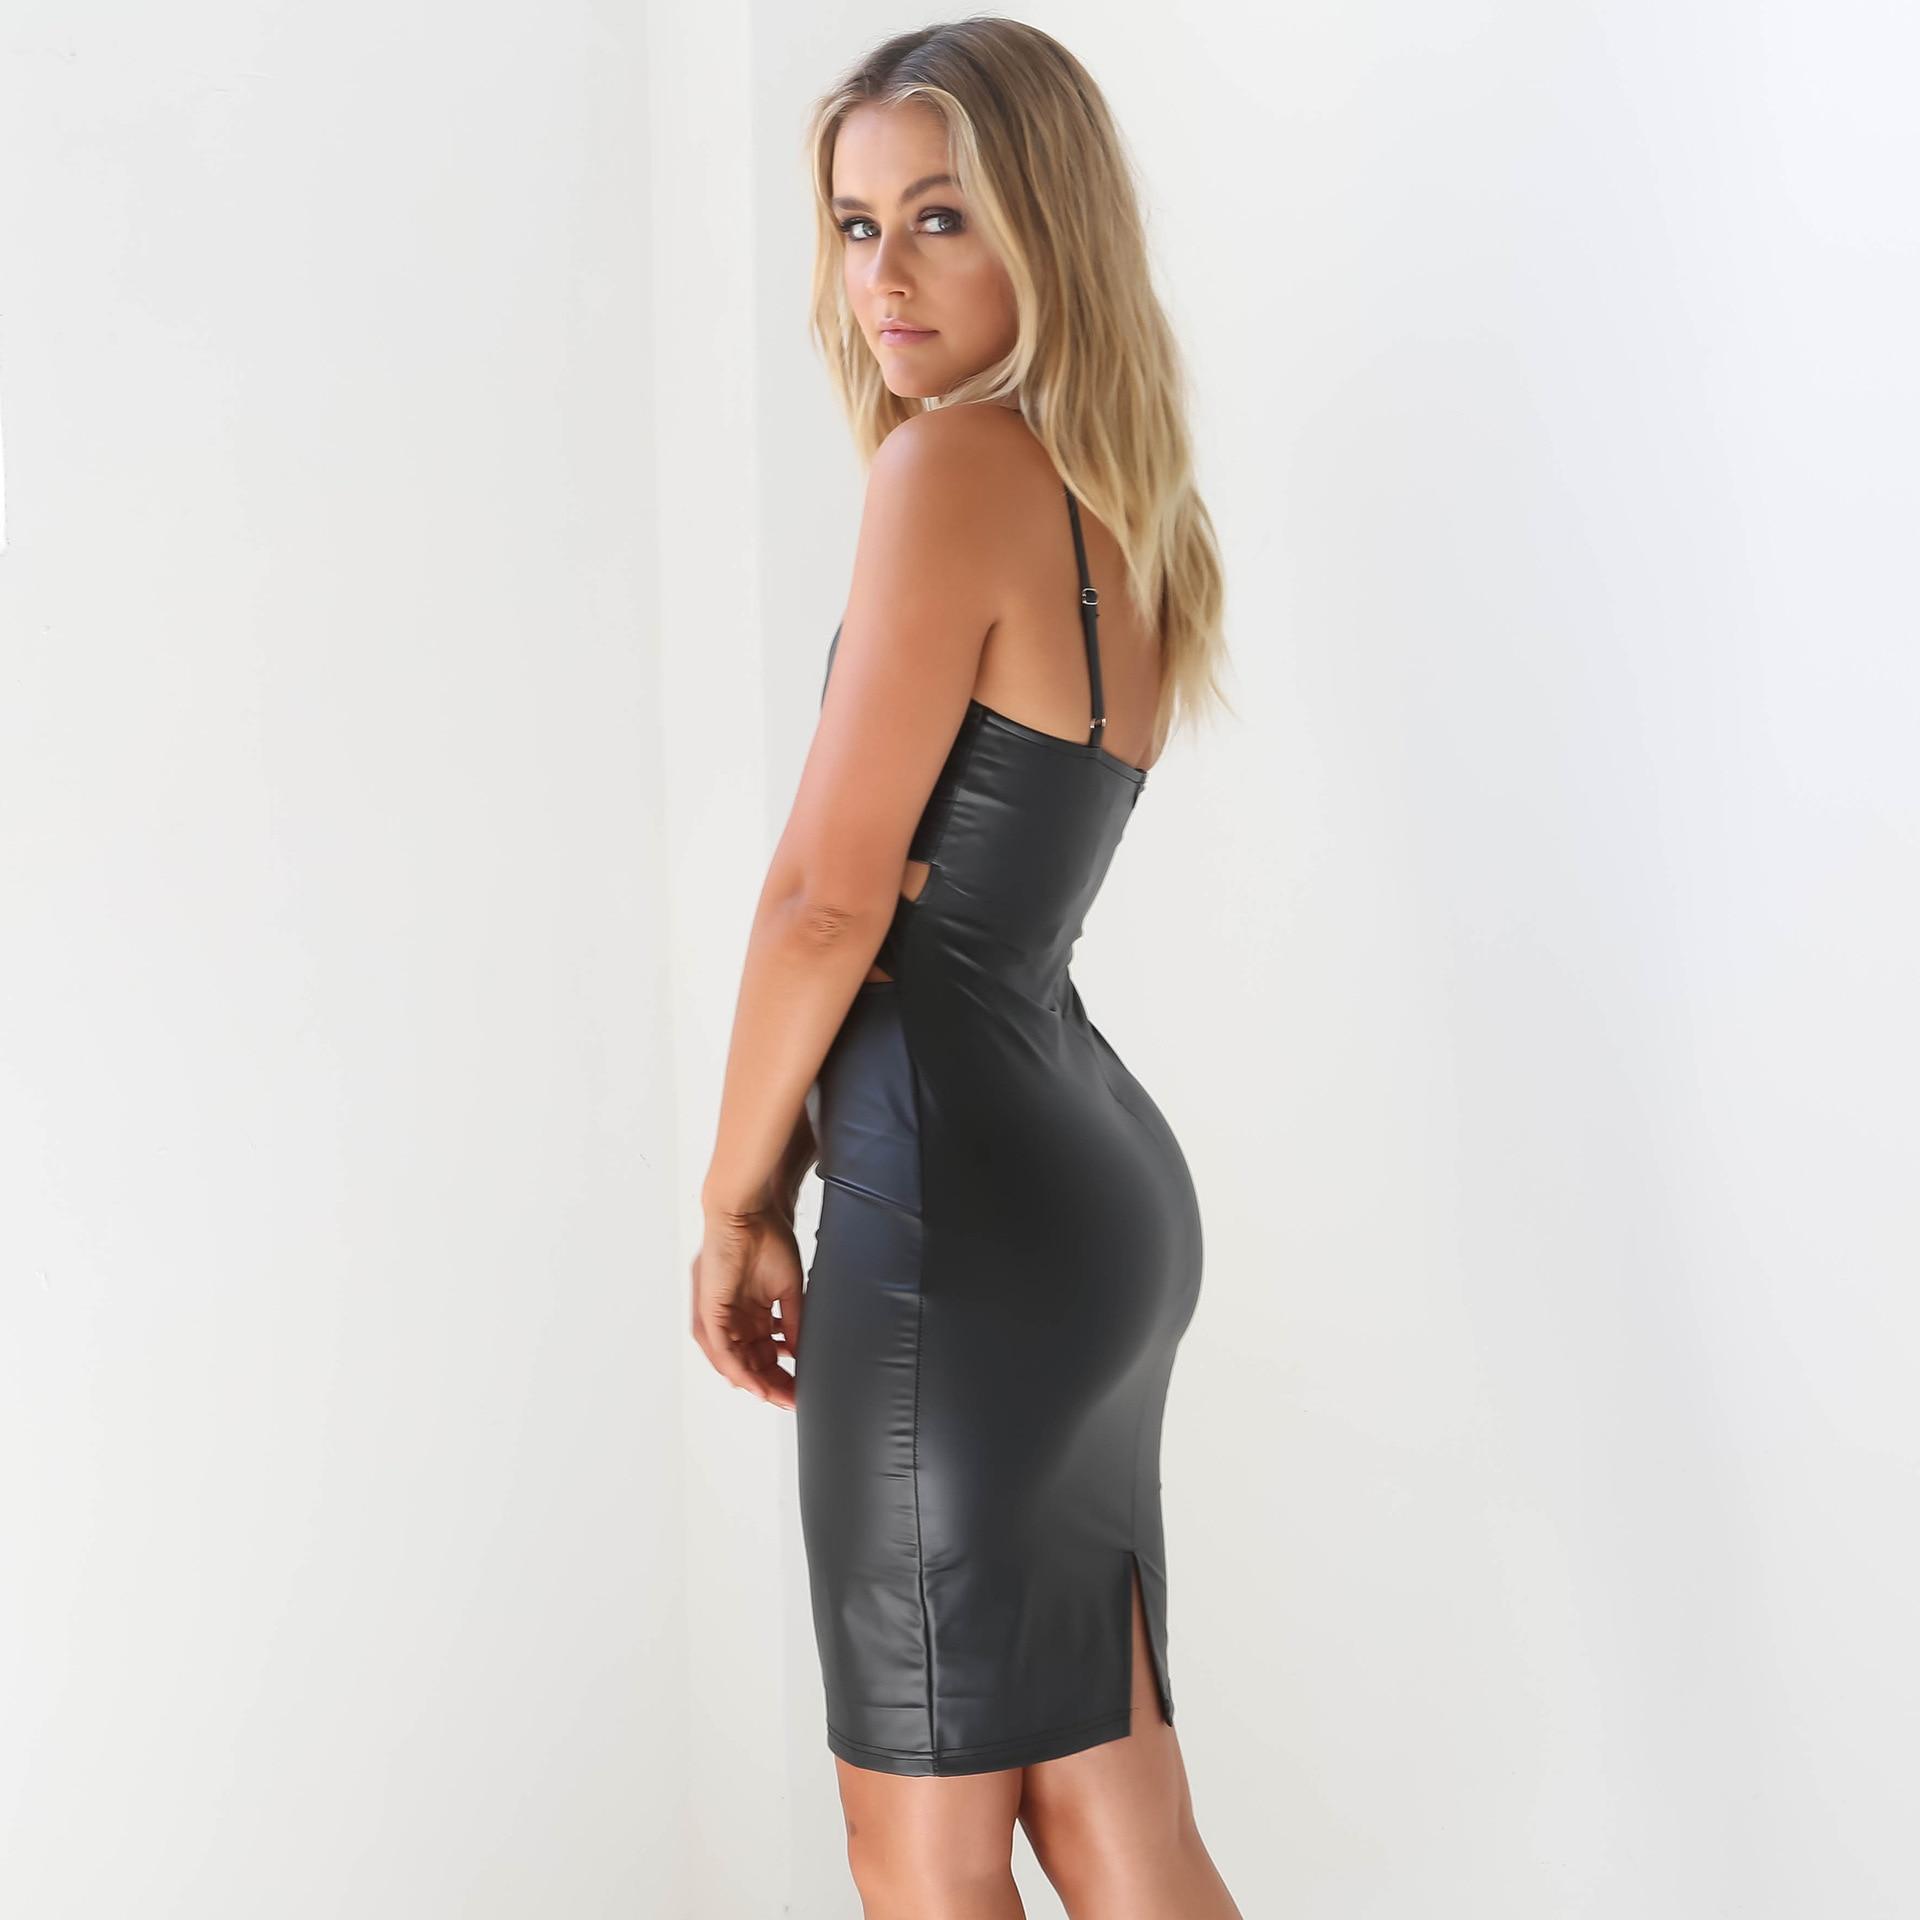 Tissu Low Empire Pad Pur Poitrine Noir Dress Ventre Afficher Cut Très Spandex Mélange Pu Taille Sexy Crayon U5CwxqnRz